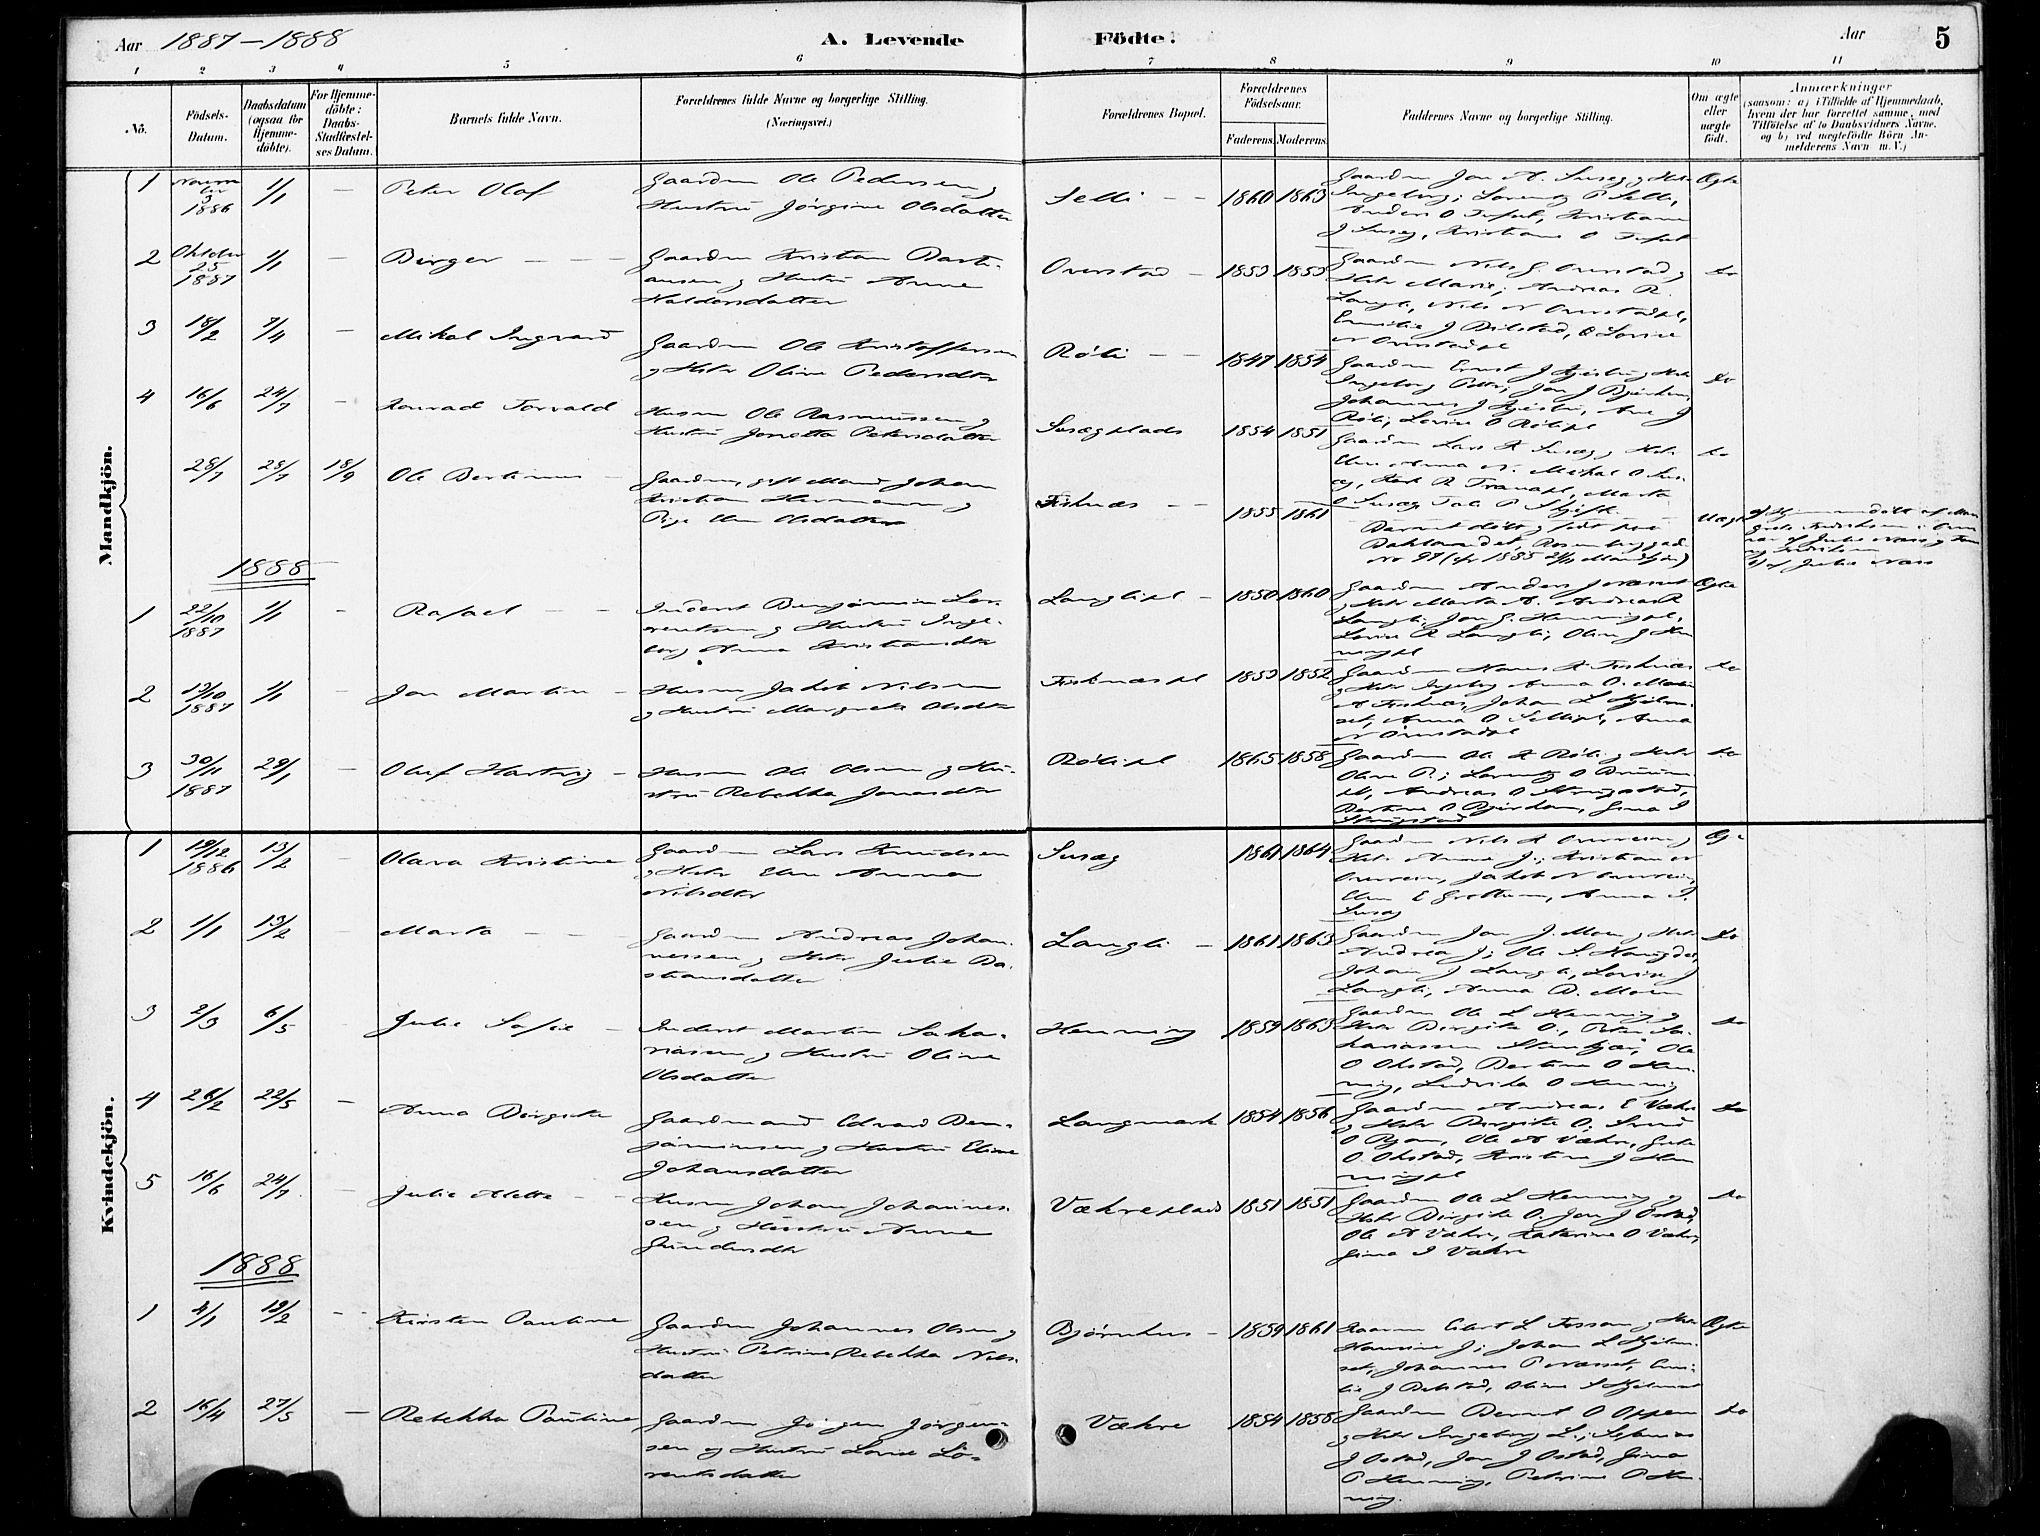 SAT, Ministerialprotokoller, klokkerbøker og fødselsregistre - Nord-Trøndelag, 738/L0364: Ministerialbok nr. 738A01, 1884-1902, s. 5